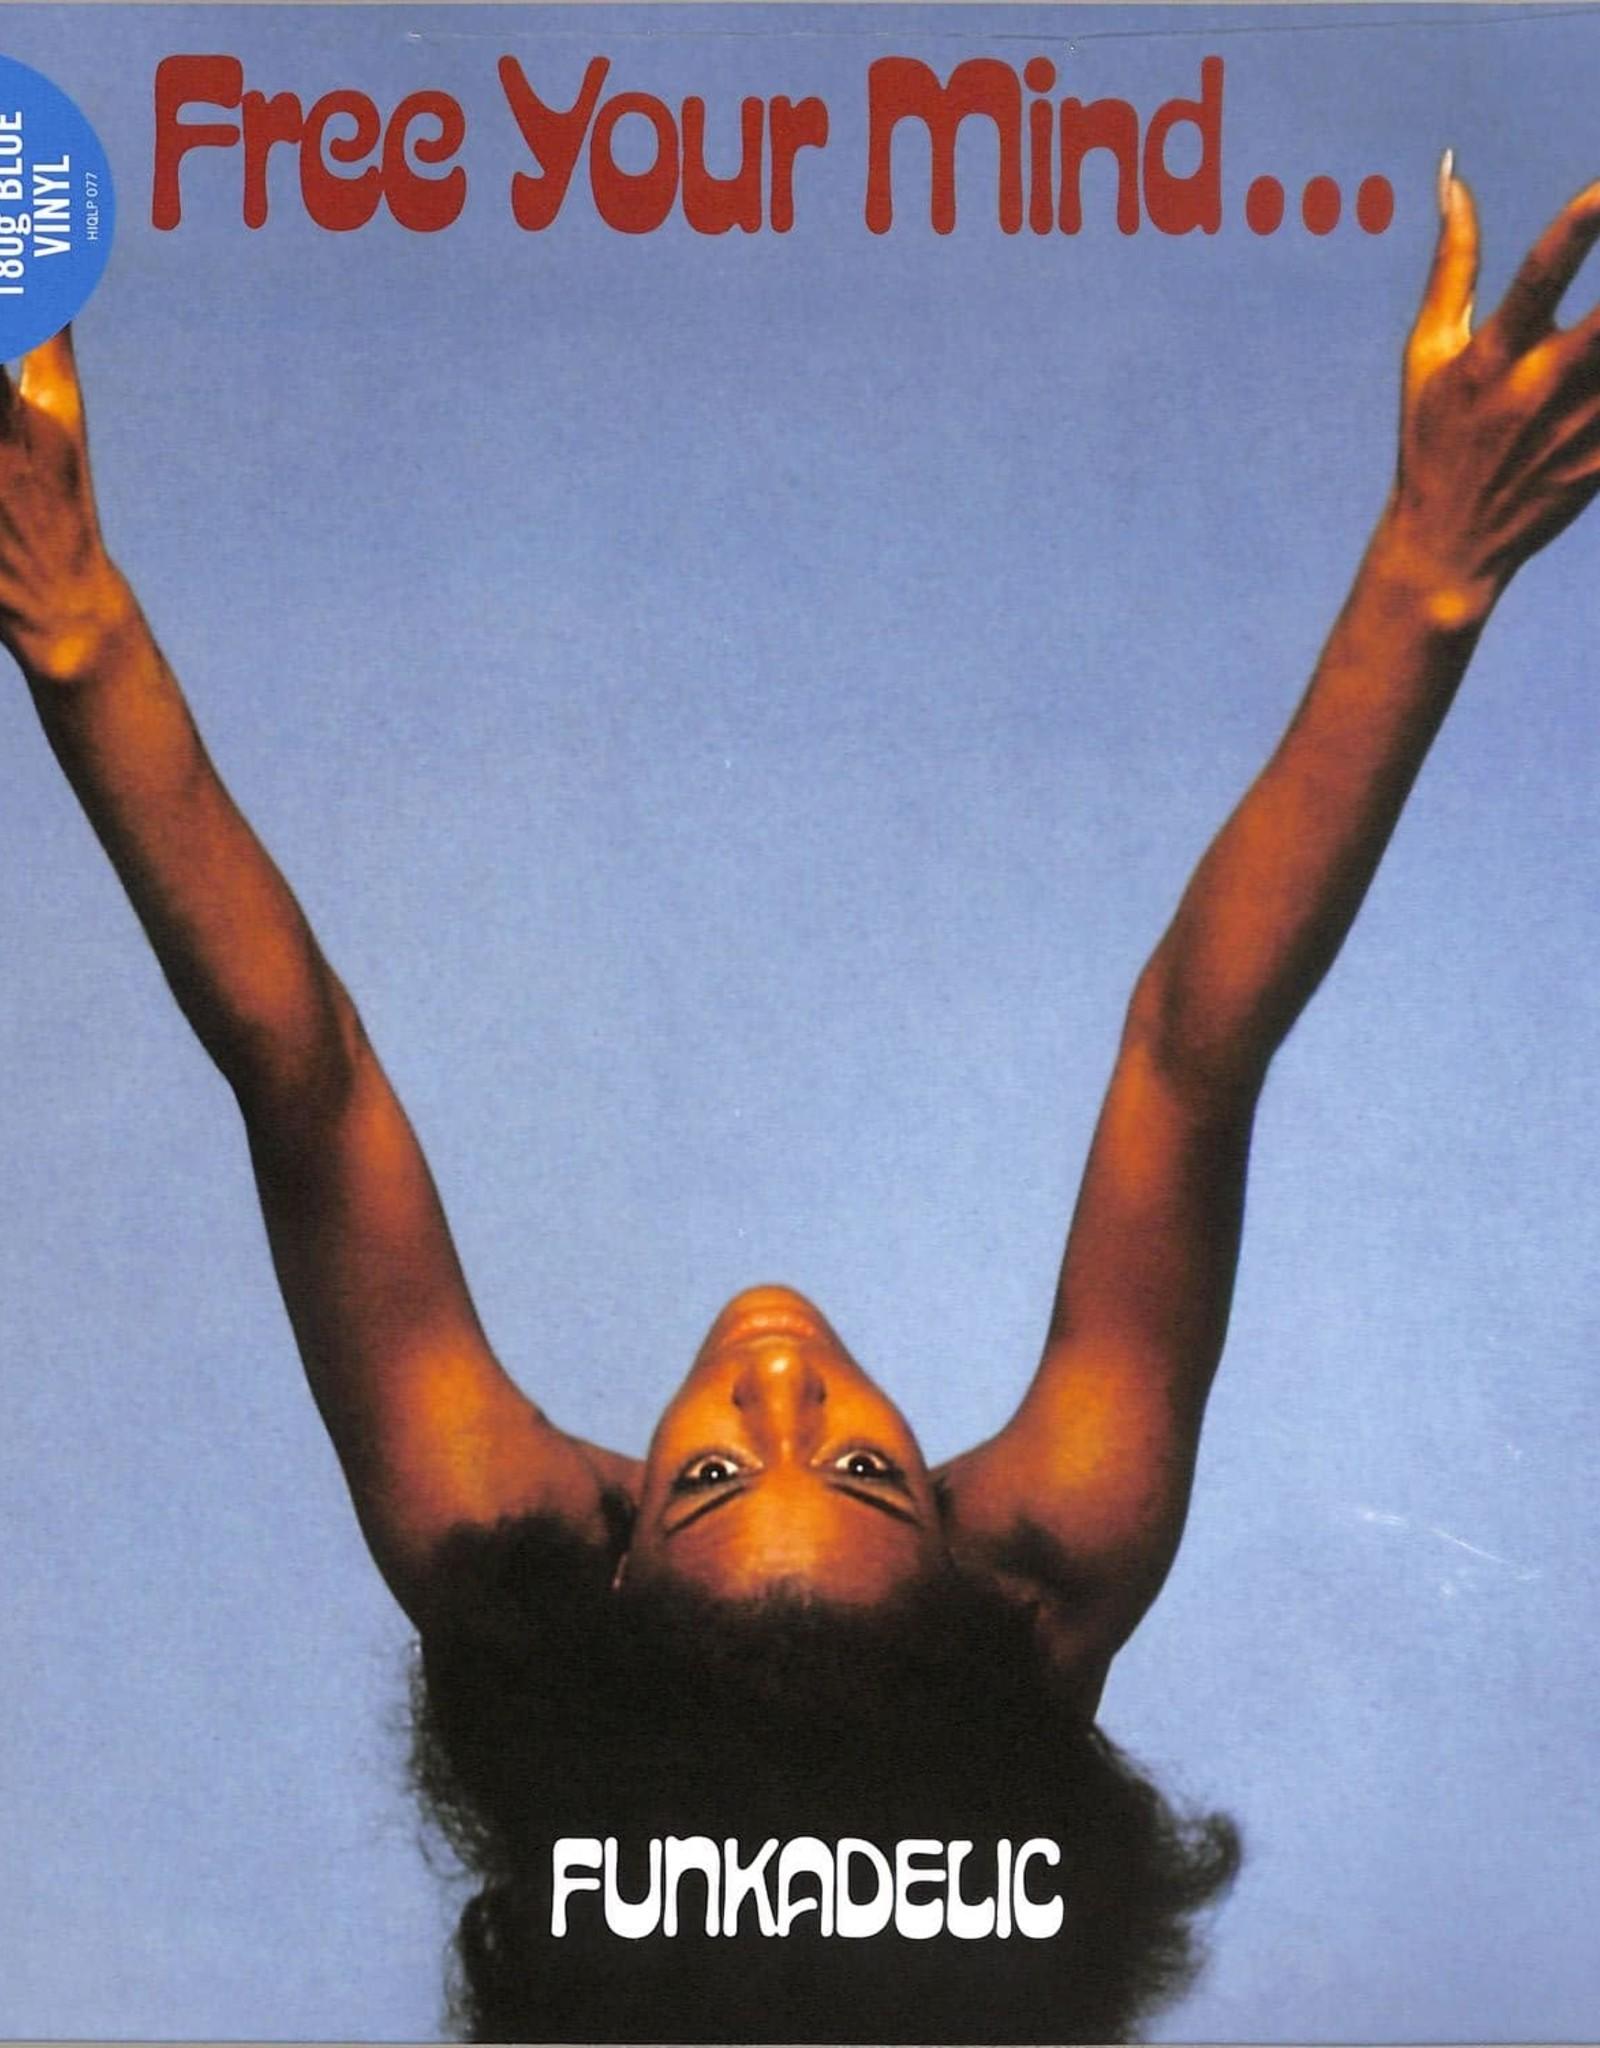 Funkadelic - Free Your Mind (180gm Blue Vinyl)